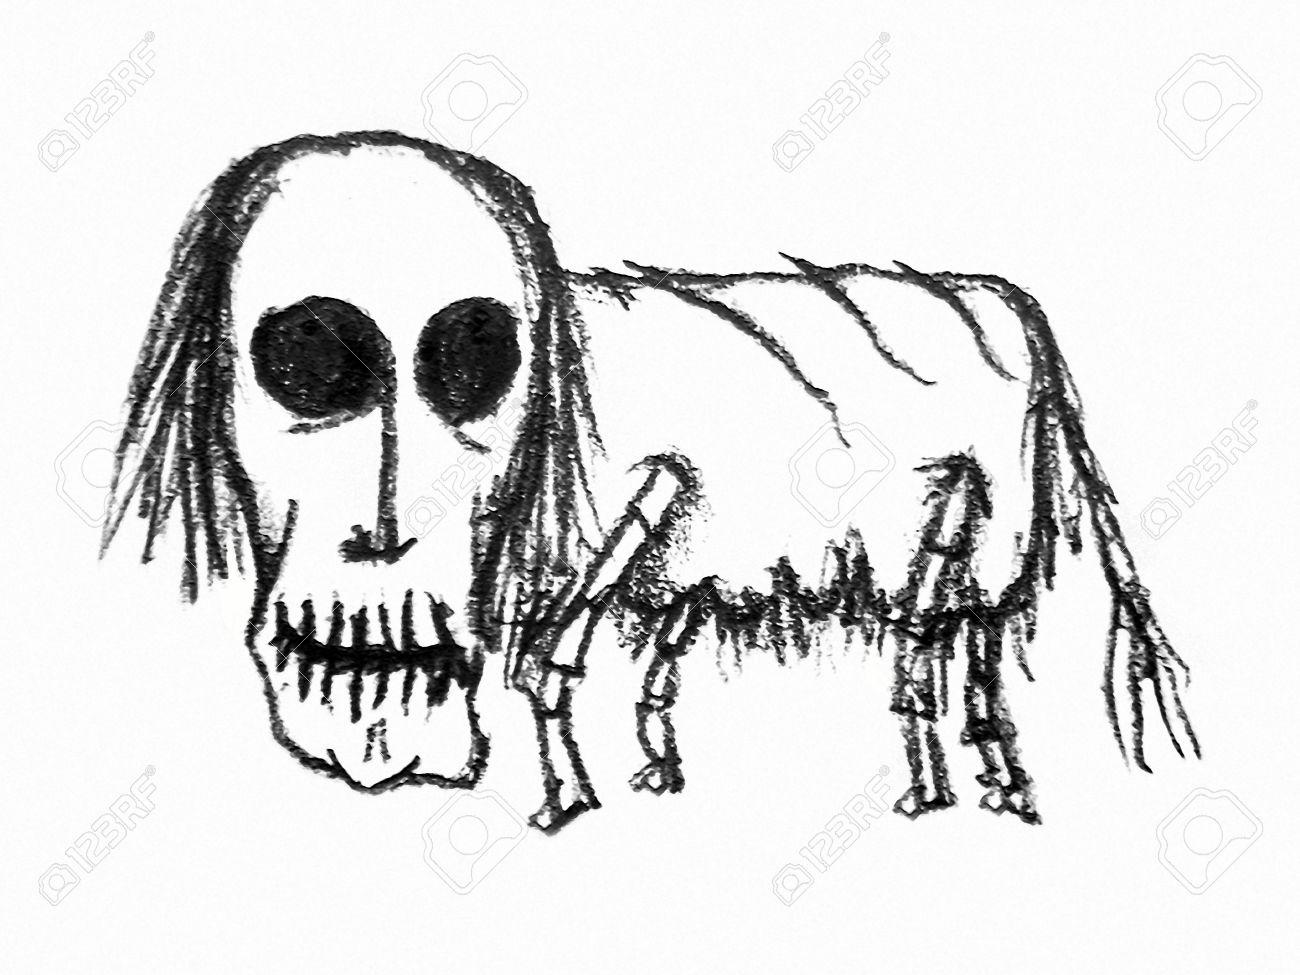 Técnica De Dibujo Ejemplo Del Lápiz De La Trama De Fantasía Zombie